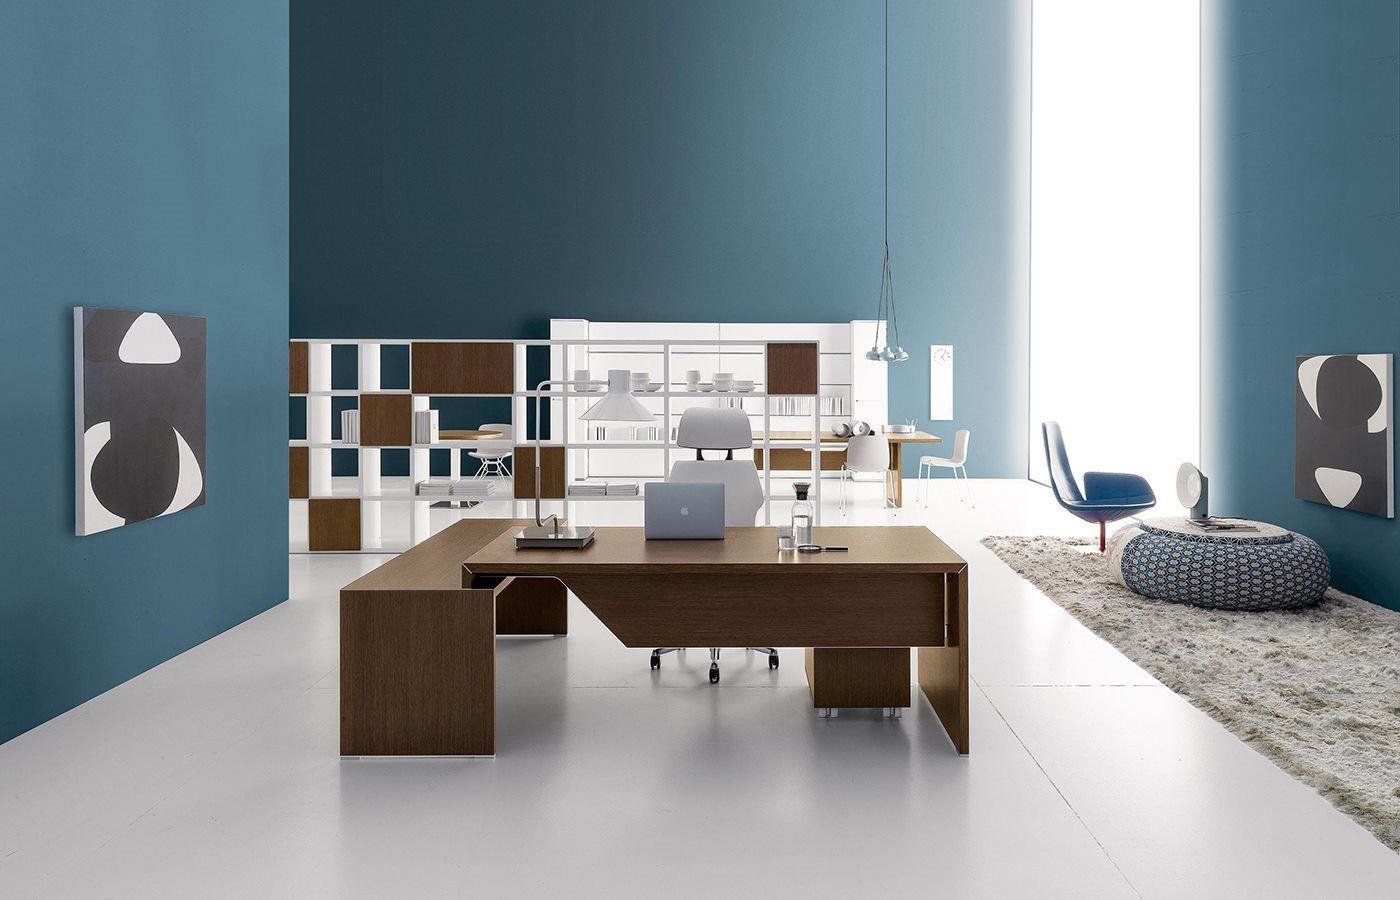 Forniture Mobili Per Ufficio.Dvo S P A Mobili E Forniture Di Design Per Ufficio Design